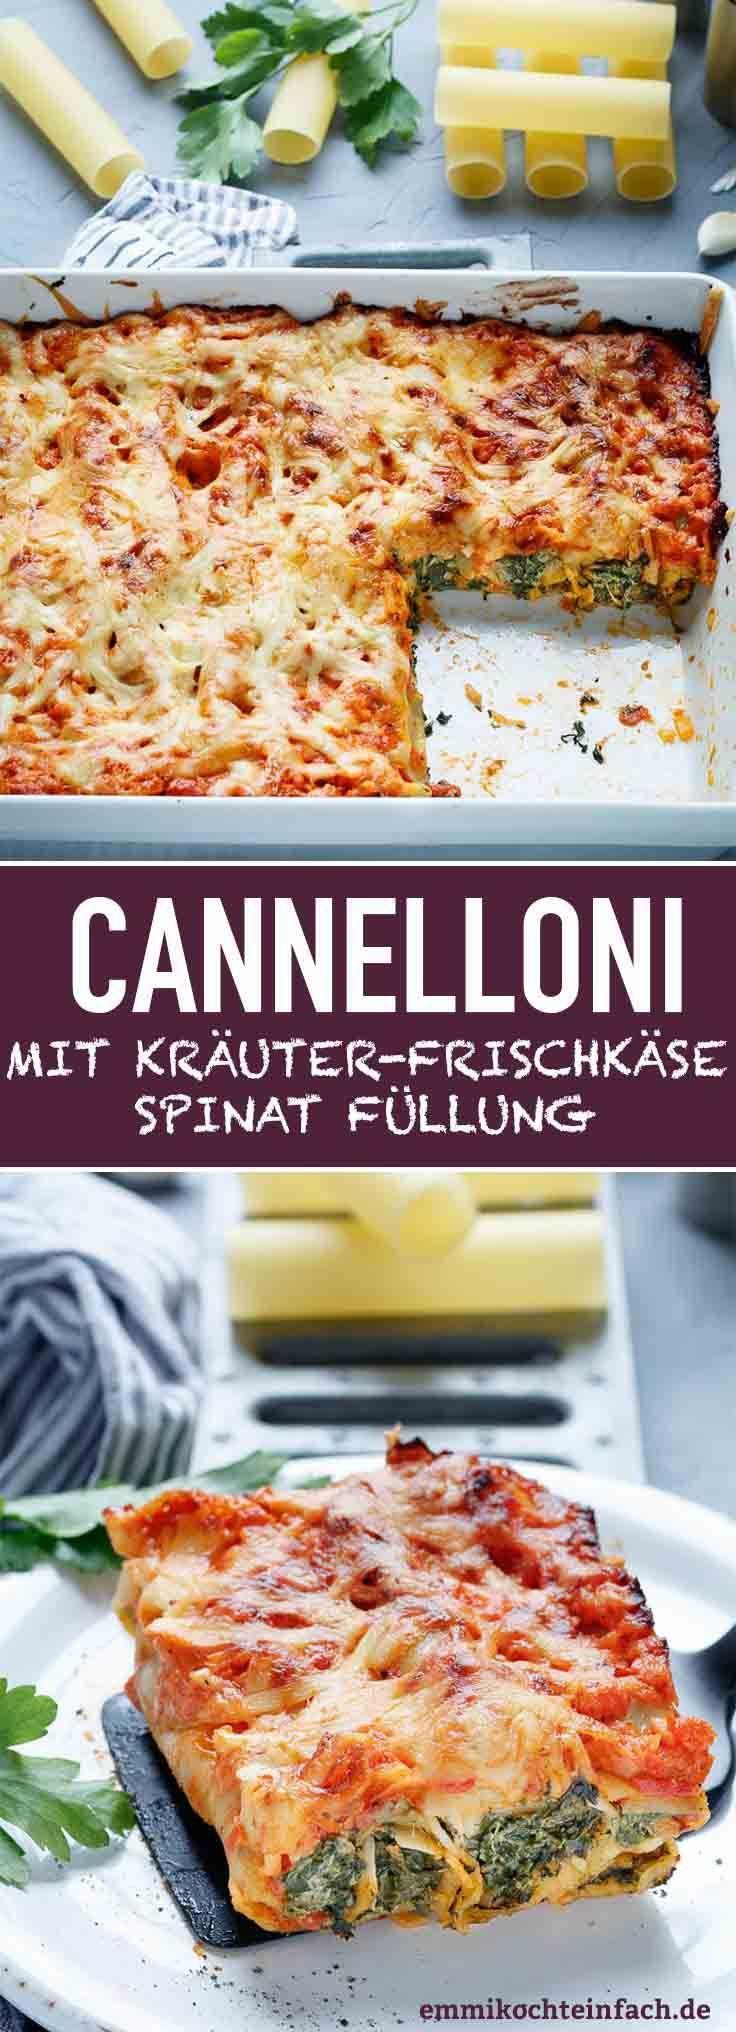 Cannelloni mit Kräuterfrischkäse-Spinat Füllung #vegetarischerezepte